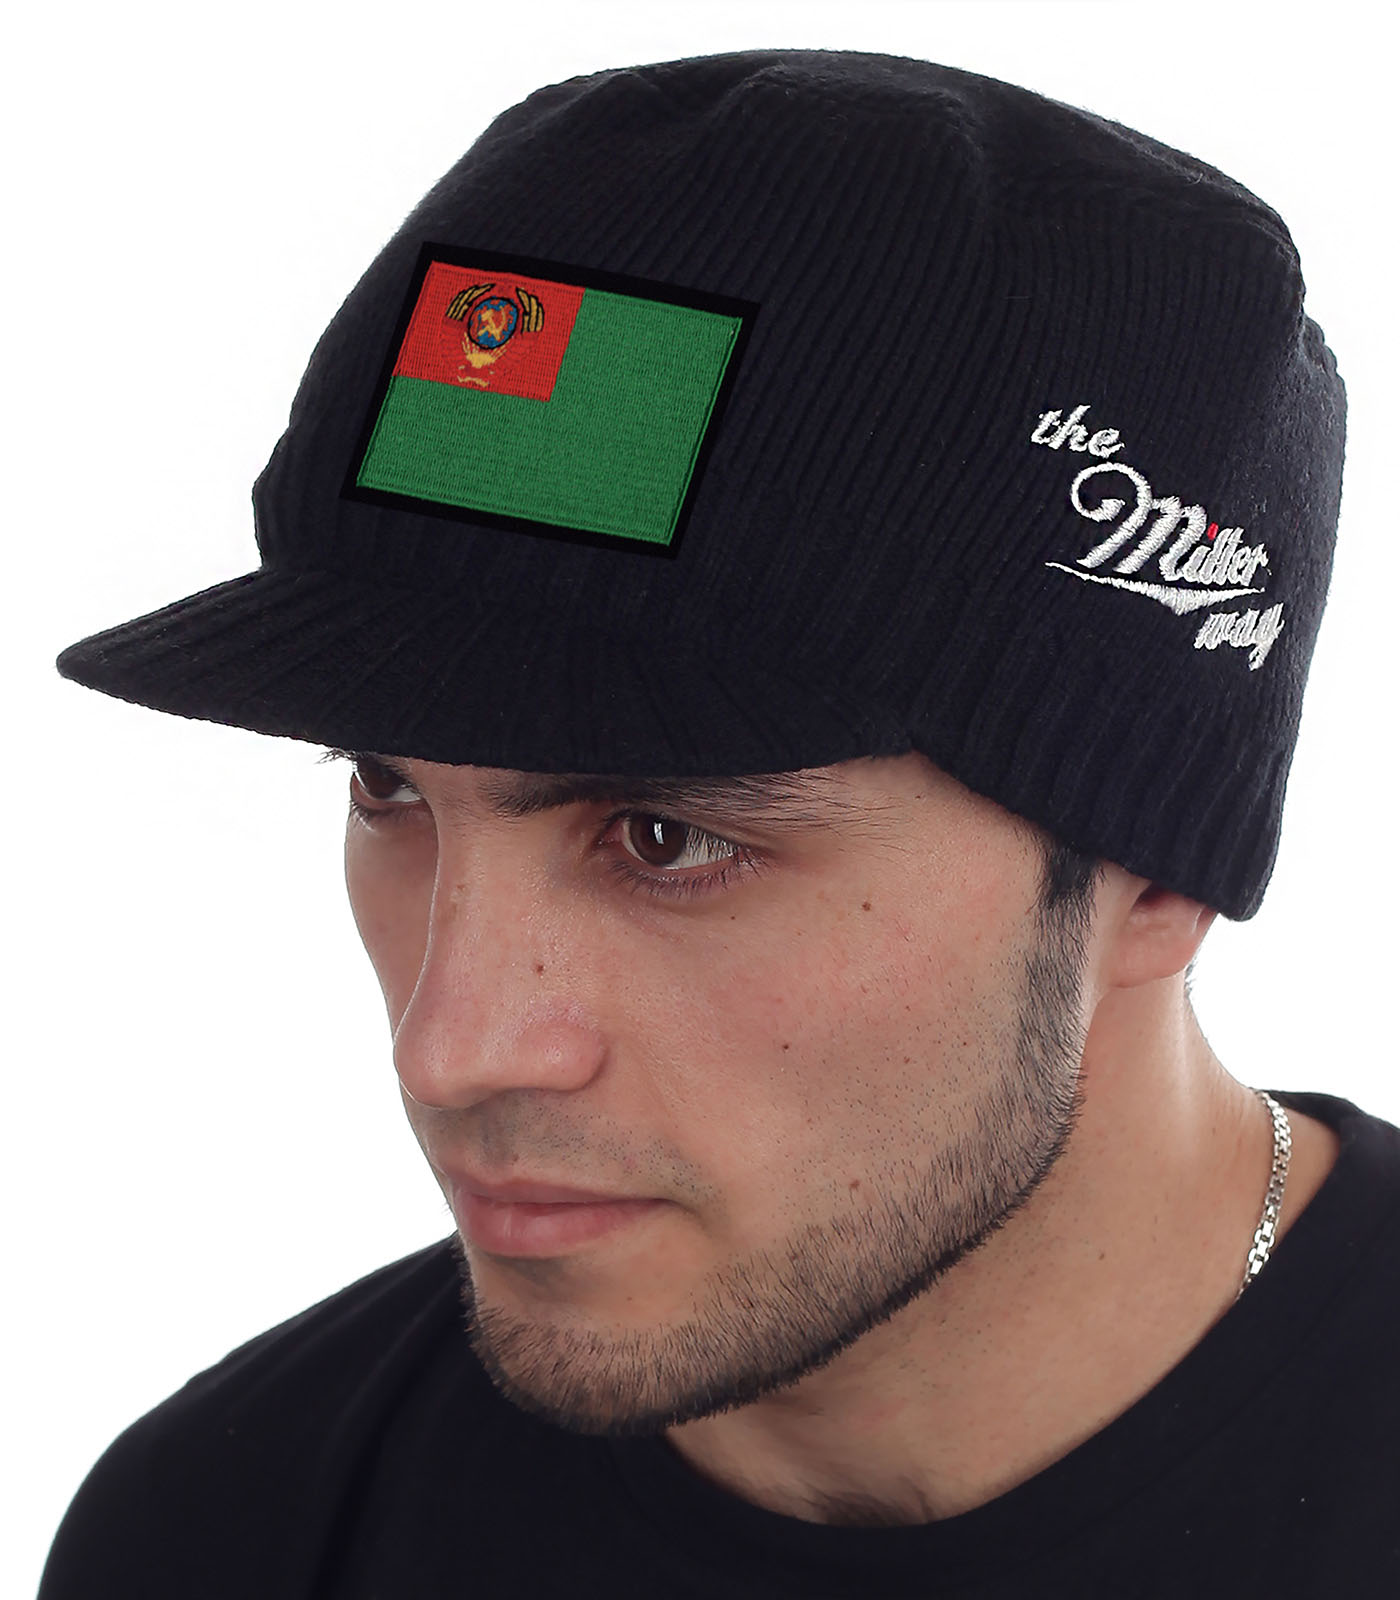 Мужская черная шапка Miller Way - купить по выгодной цене